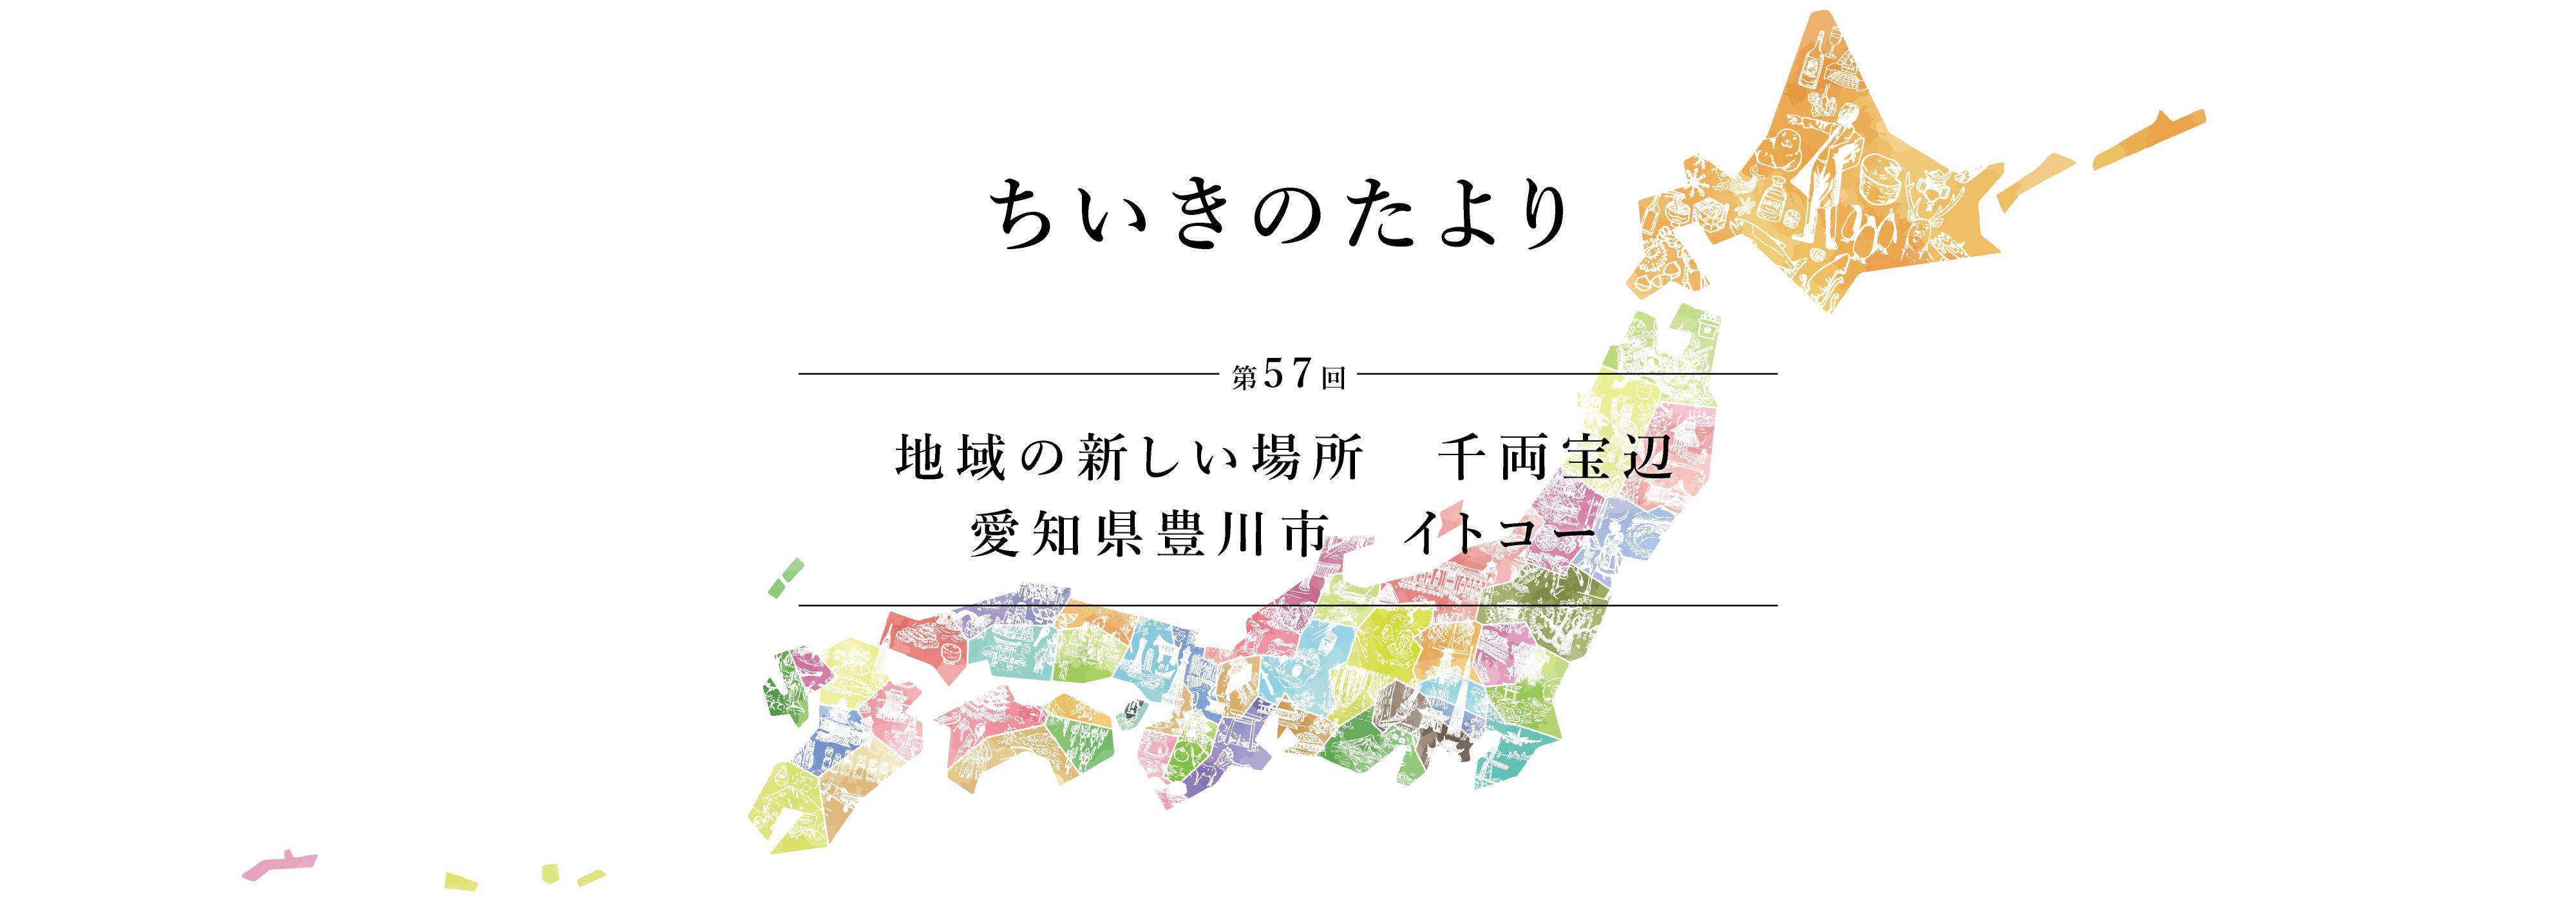 ちいきのたより第57回地域の新しい場所 千両宝辺 愛知県豊川市イトコー